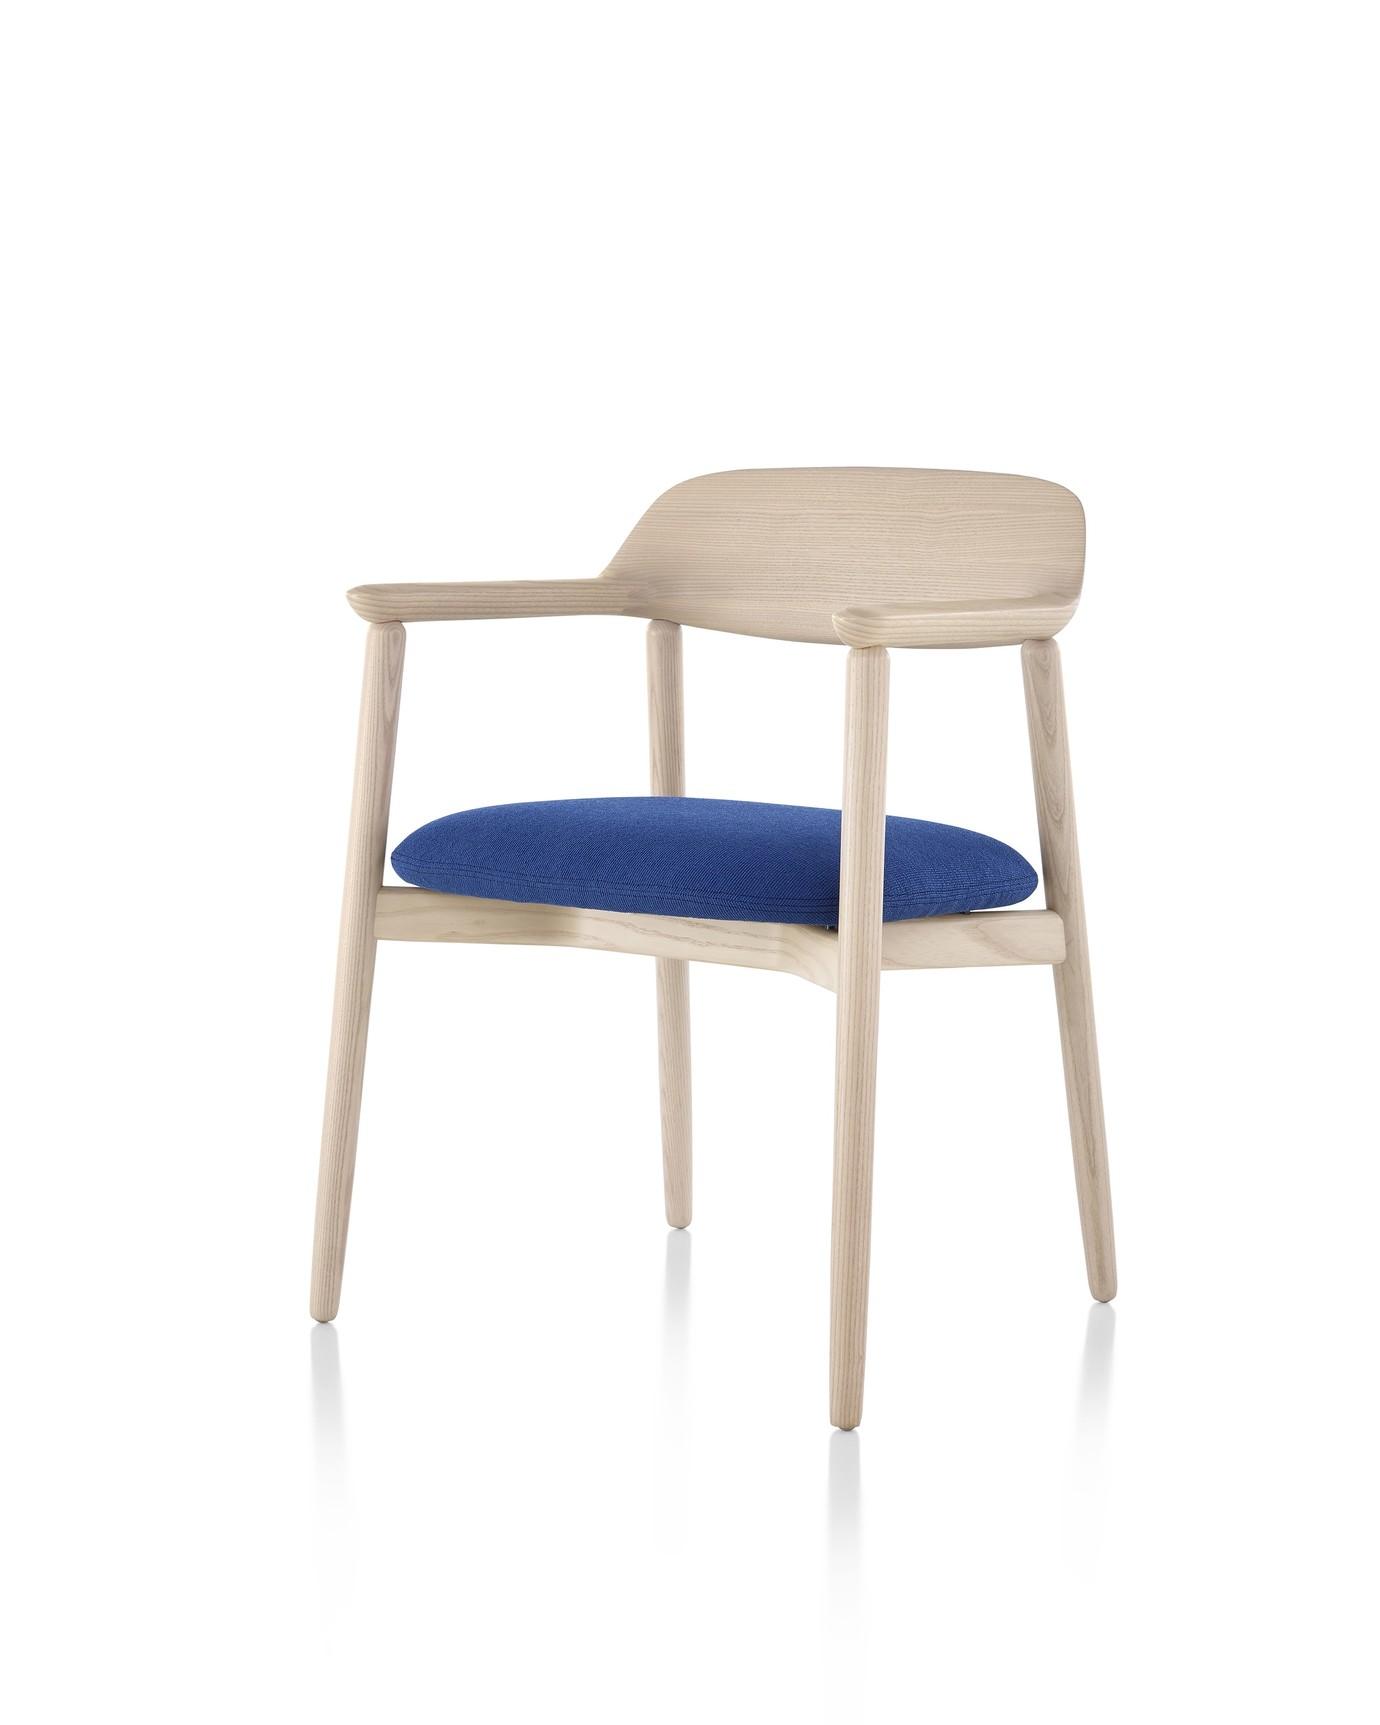 10-Silla-Multiuso-Crosshatch-Estilo-1380